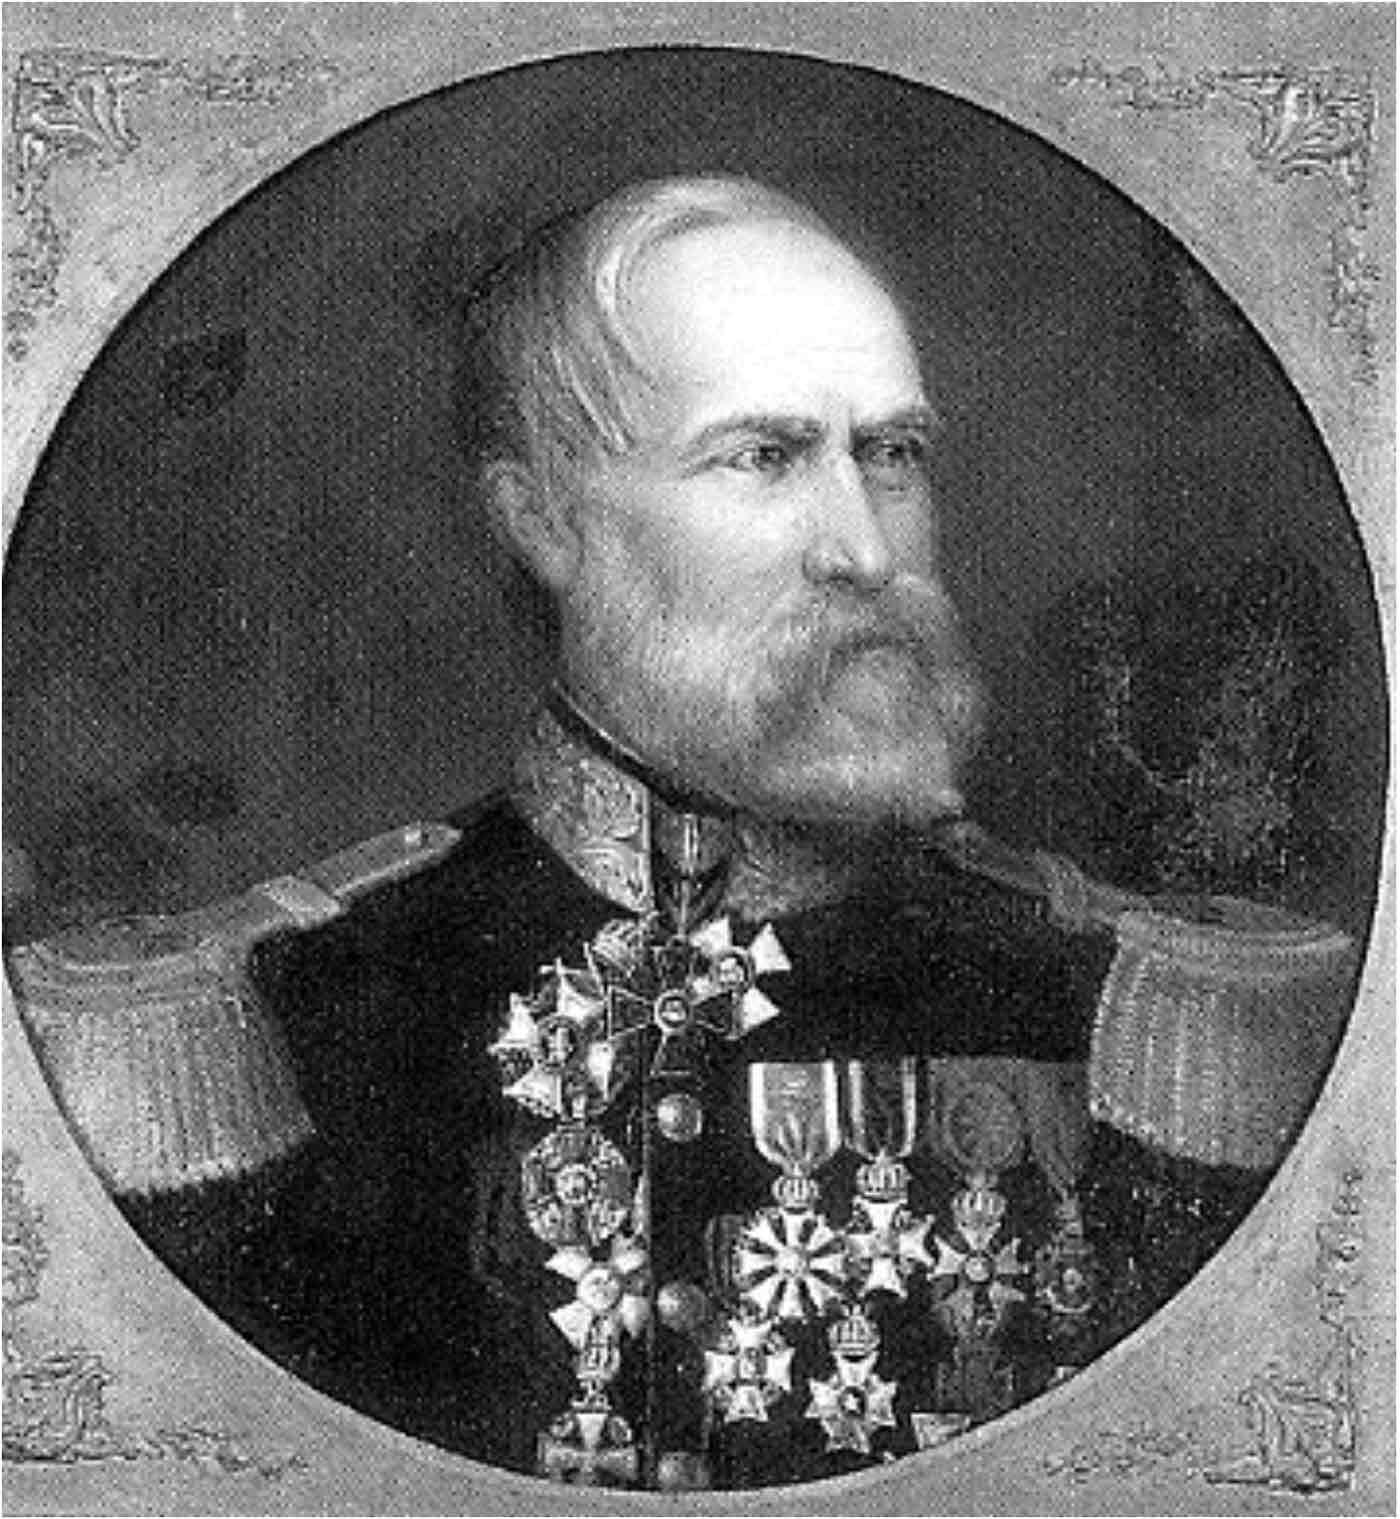 Ritratto di Siebold datato 1875.